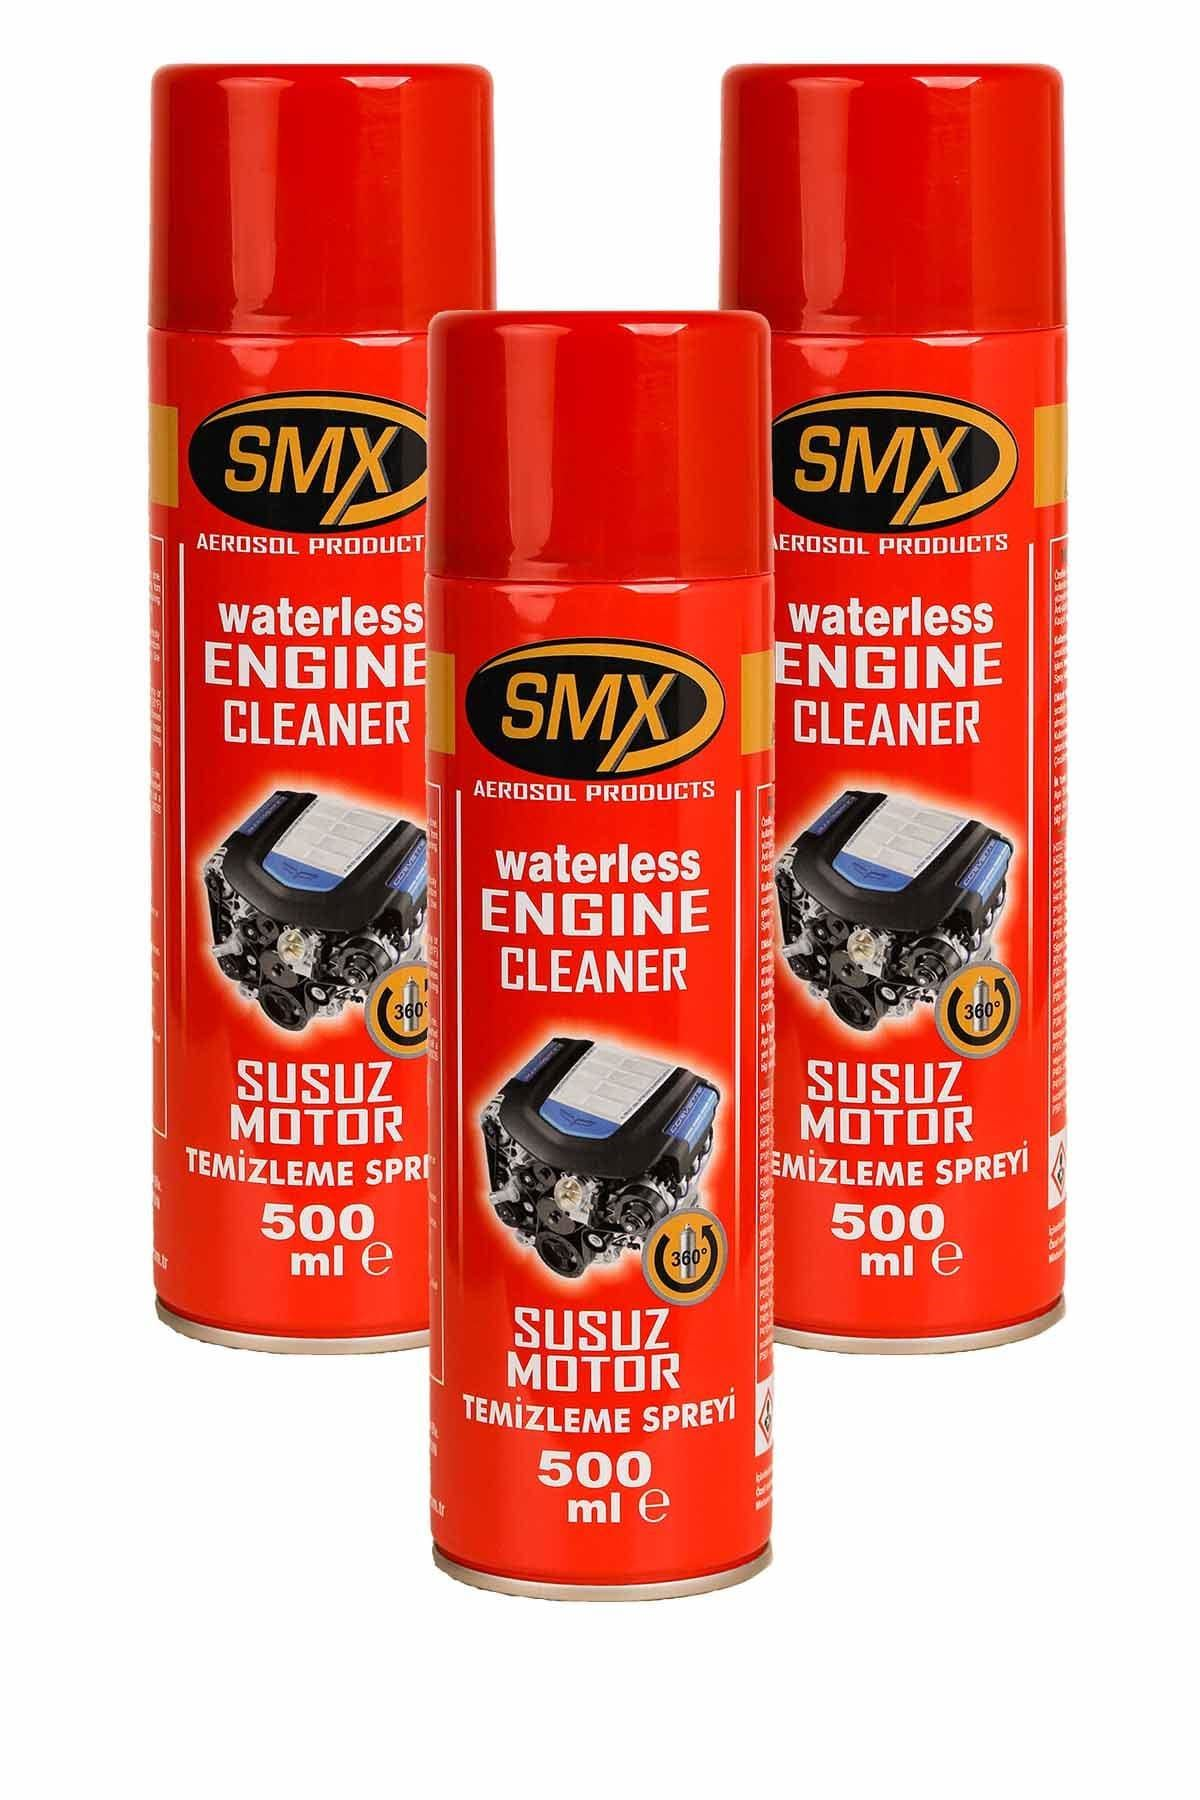 SMX Susuz Motor Temizleme Spreyi 3 Adet (3x500 ML)